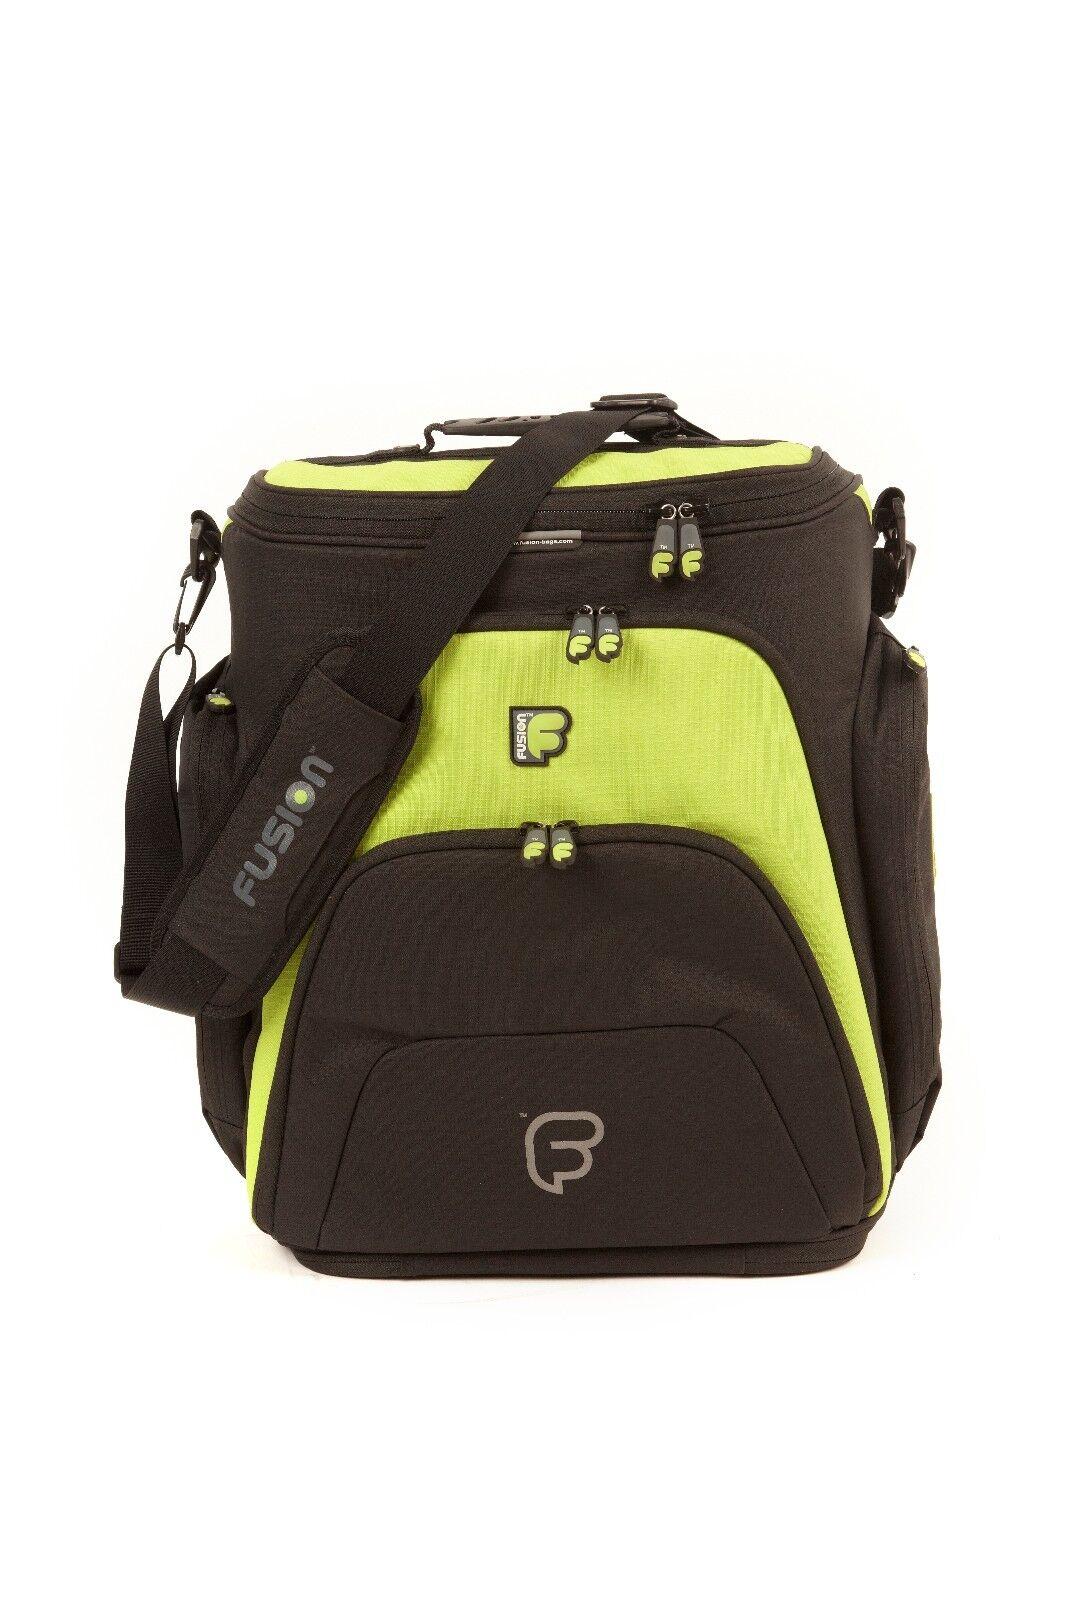 Fusion F1 Mega Workstation Lime  - 17  Pro Audio Laptop Backpack DJ Shoulder Bag